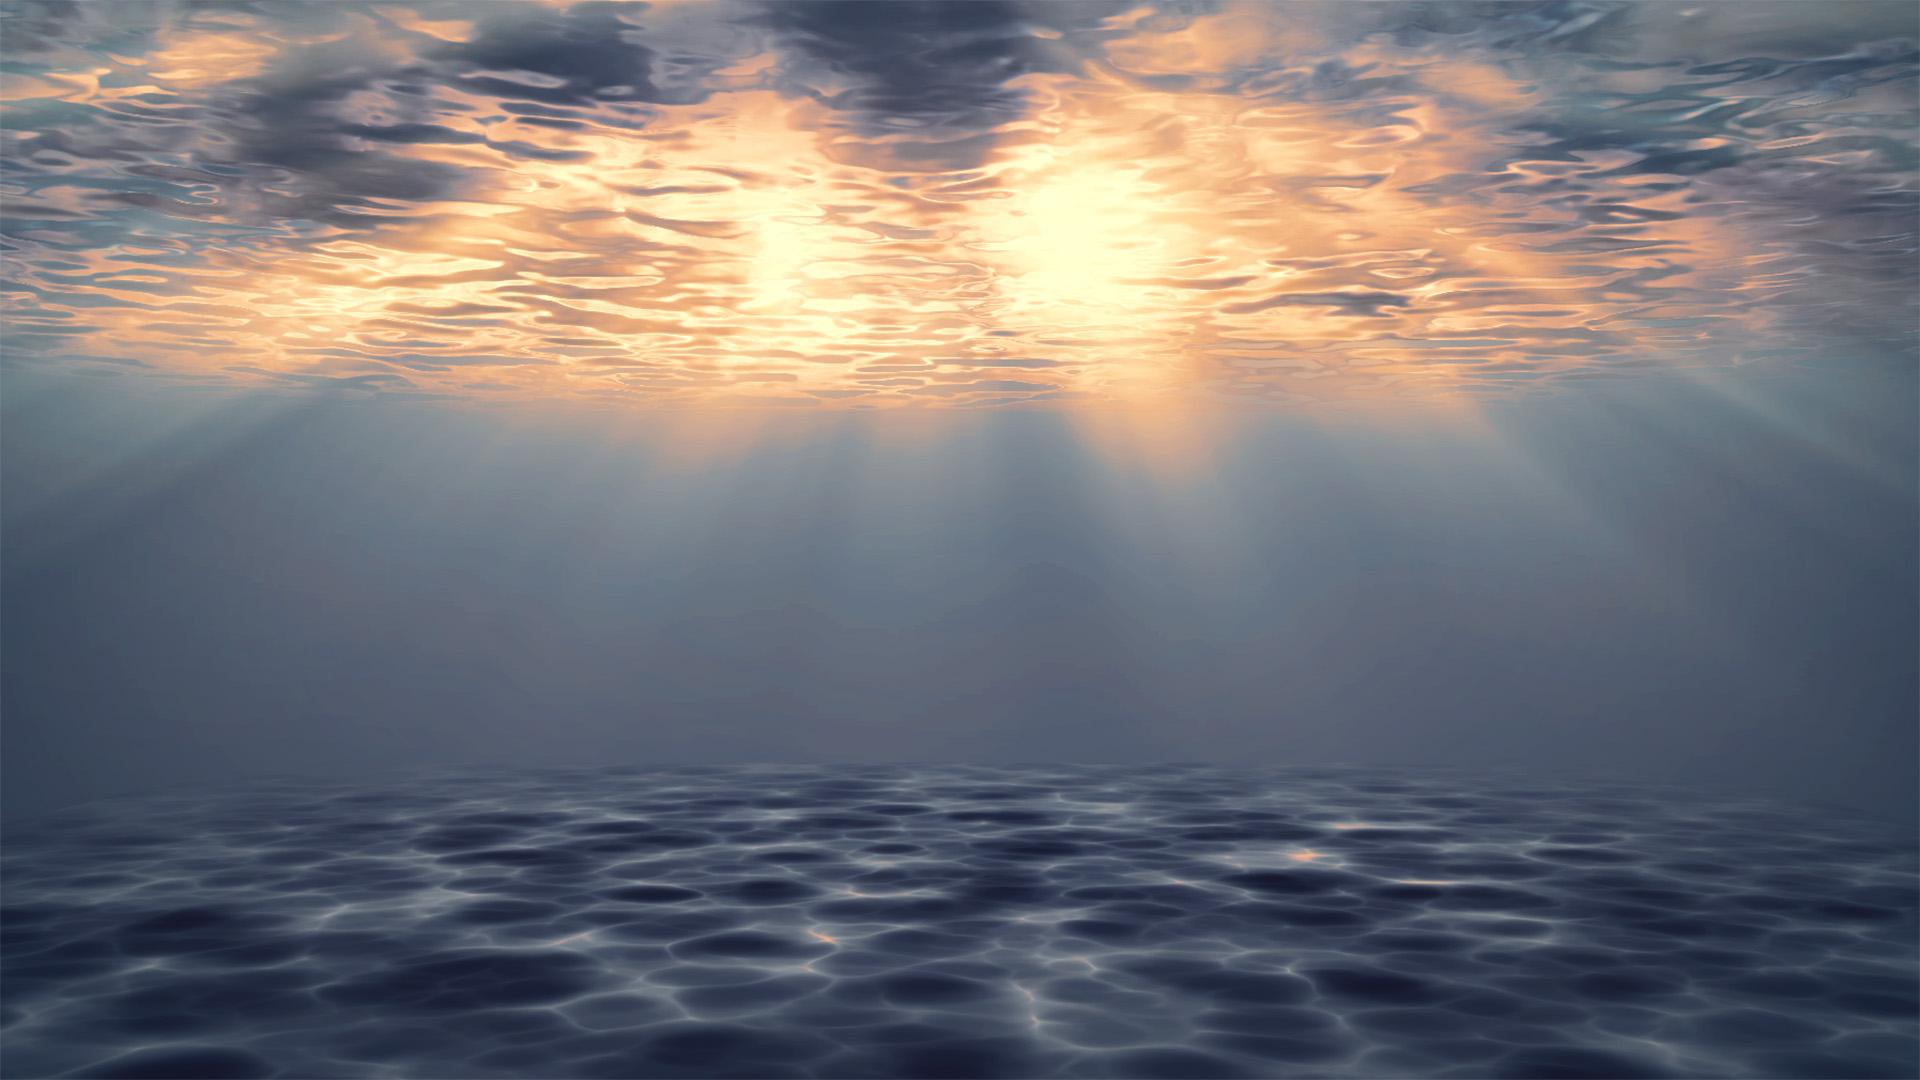 风景大片,海洋天堂,阳光,深海,清澈,空灵,神秘